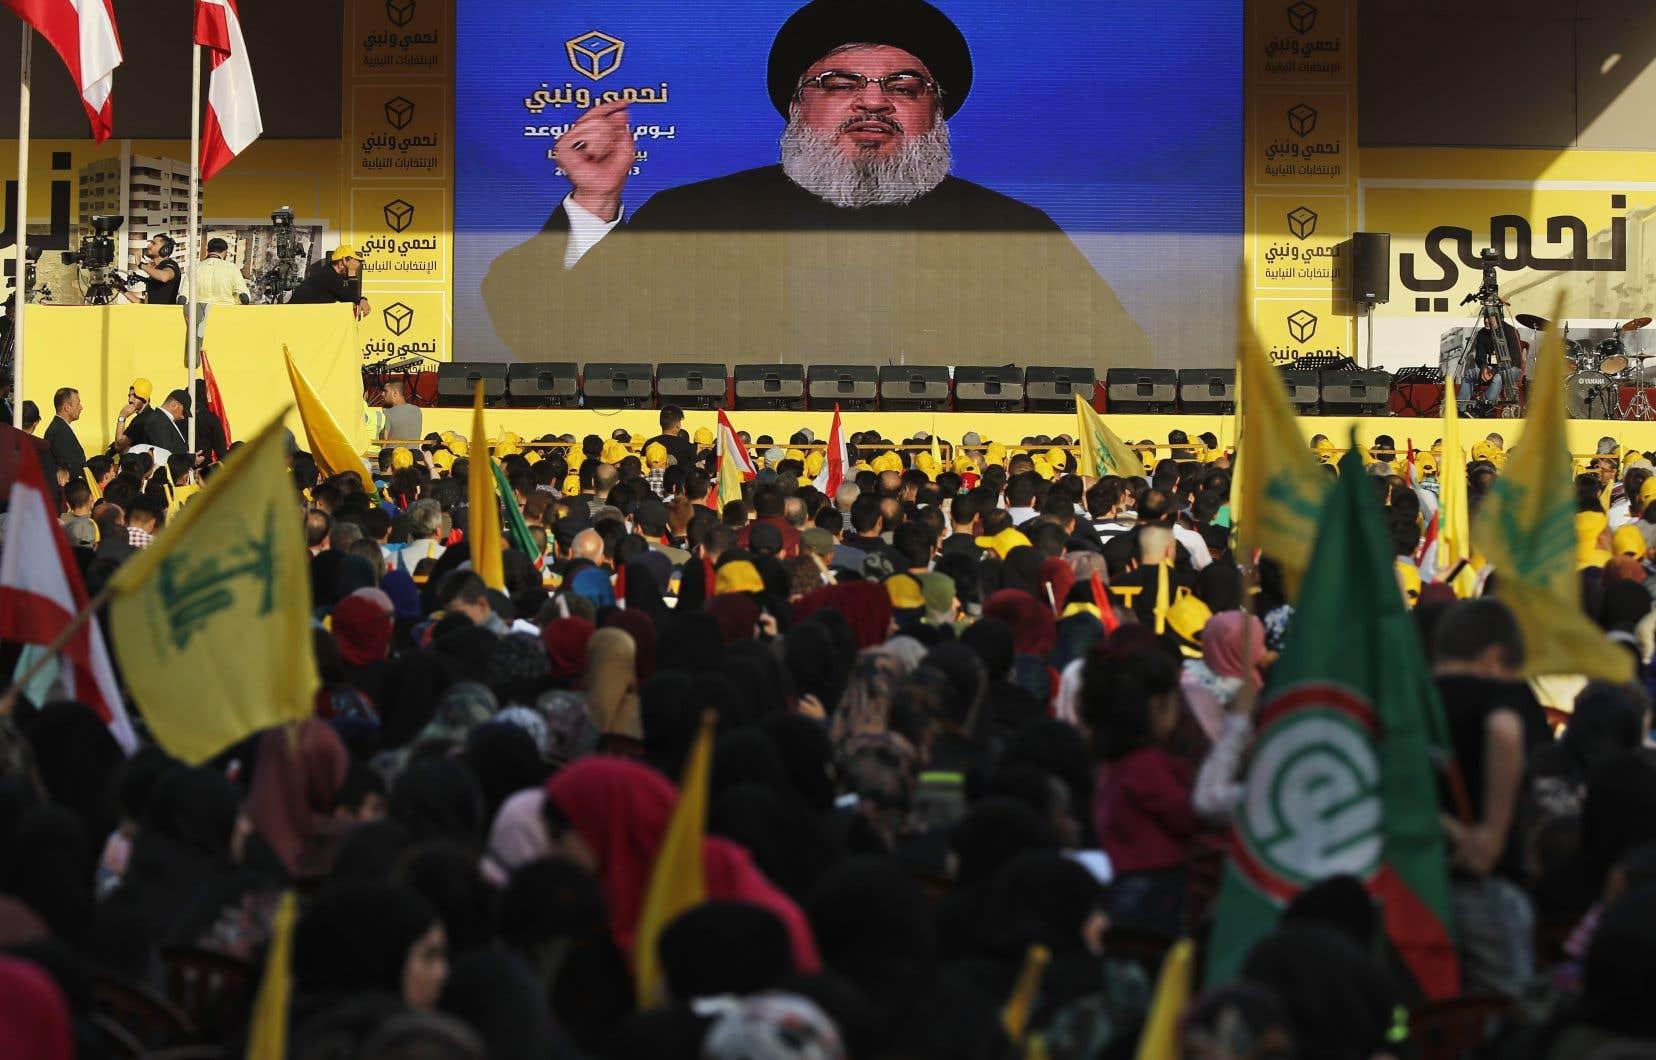 Le chef du Hezbollah, Hassan Nasrallah, lors d'un discours le 13 avril dernier